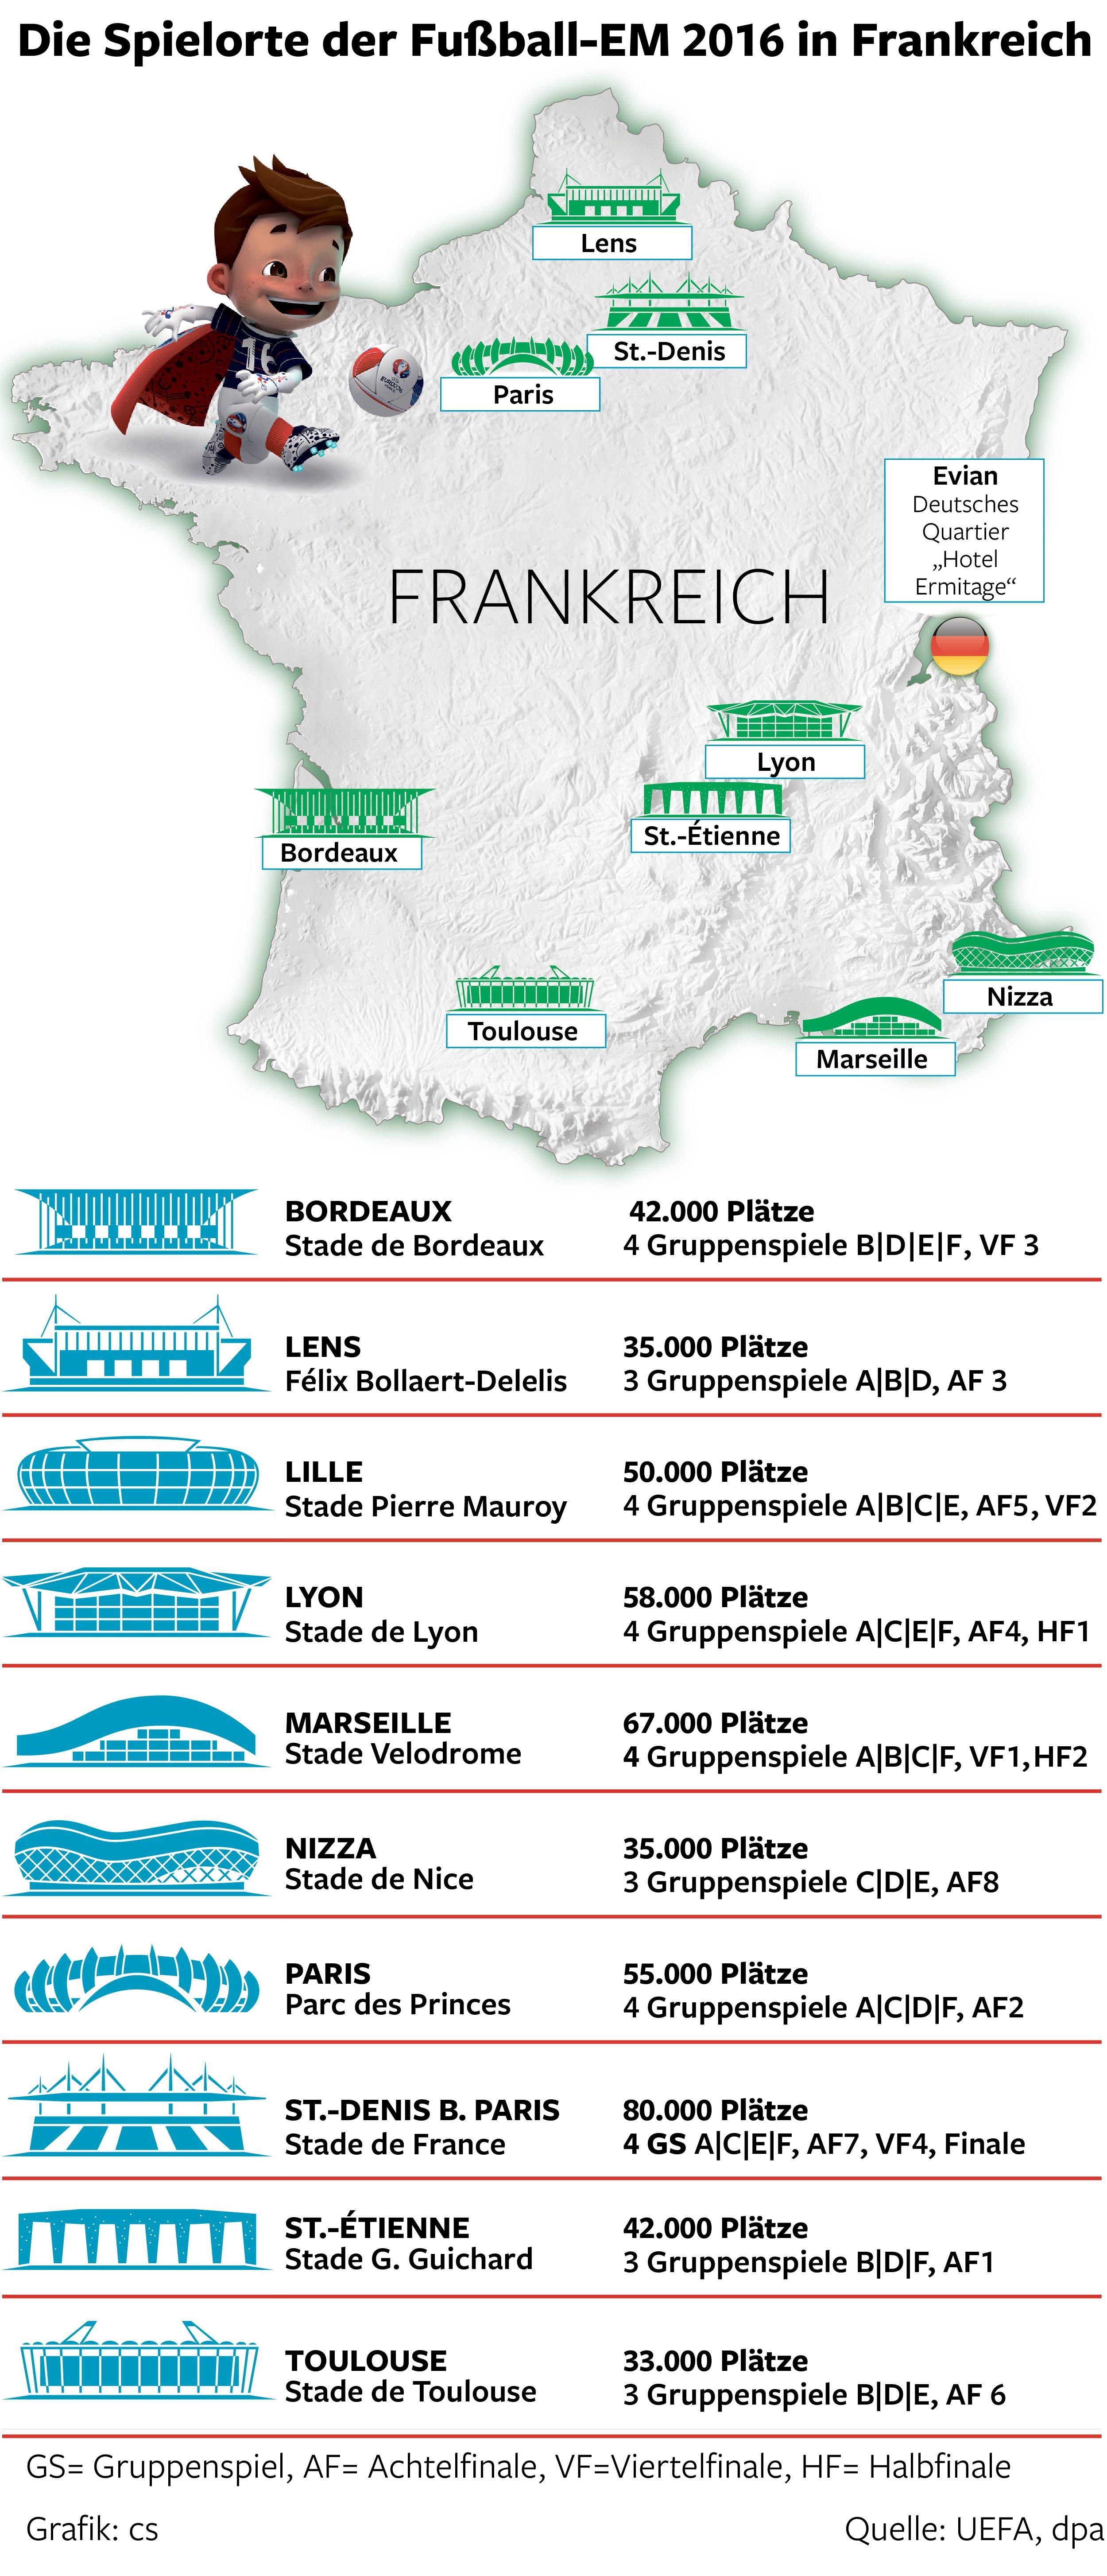 Die  Stadien und Spielorte der Fußball-Europameisterschaft in Frankreich (Euro 2016) im Überblick. Erschienen in der Berliner Morgenpost.